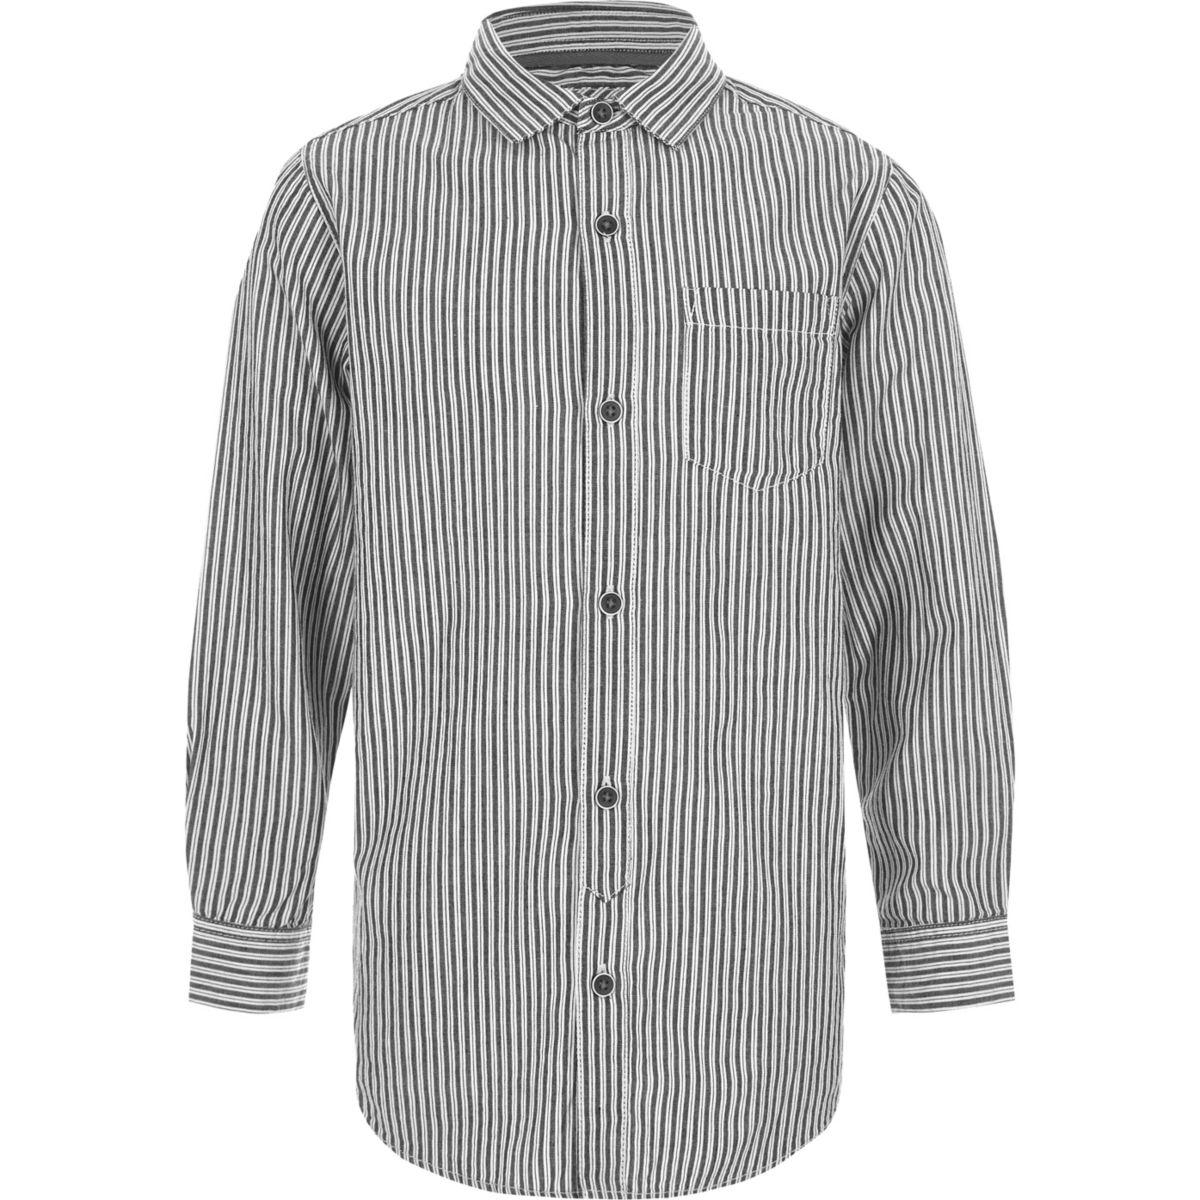 Chemise rayée gris foncé à manches longues pour garçon